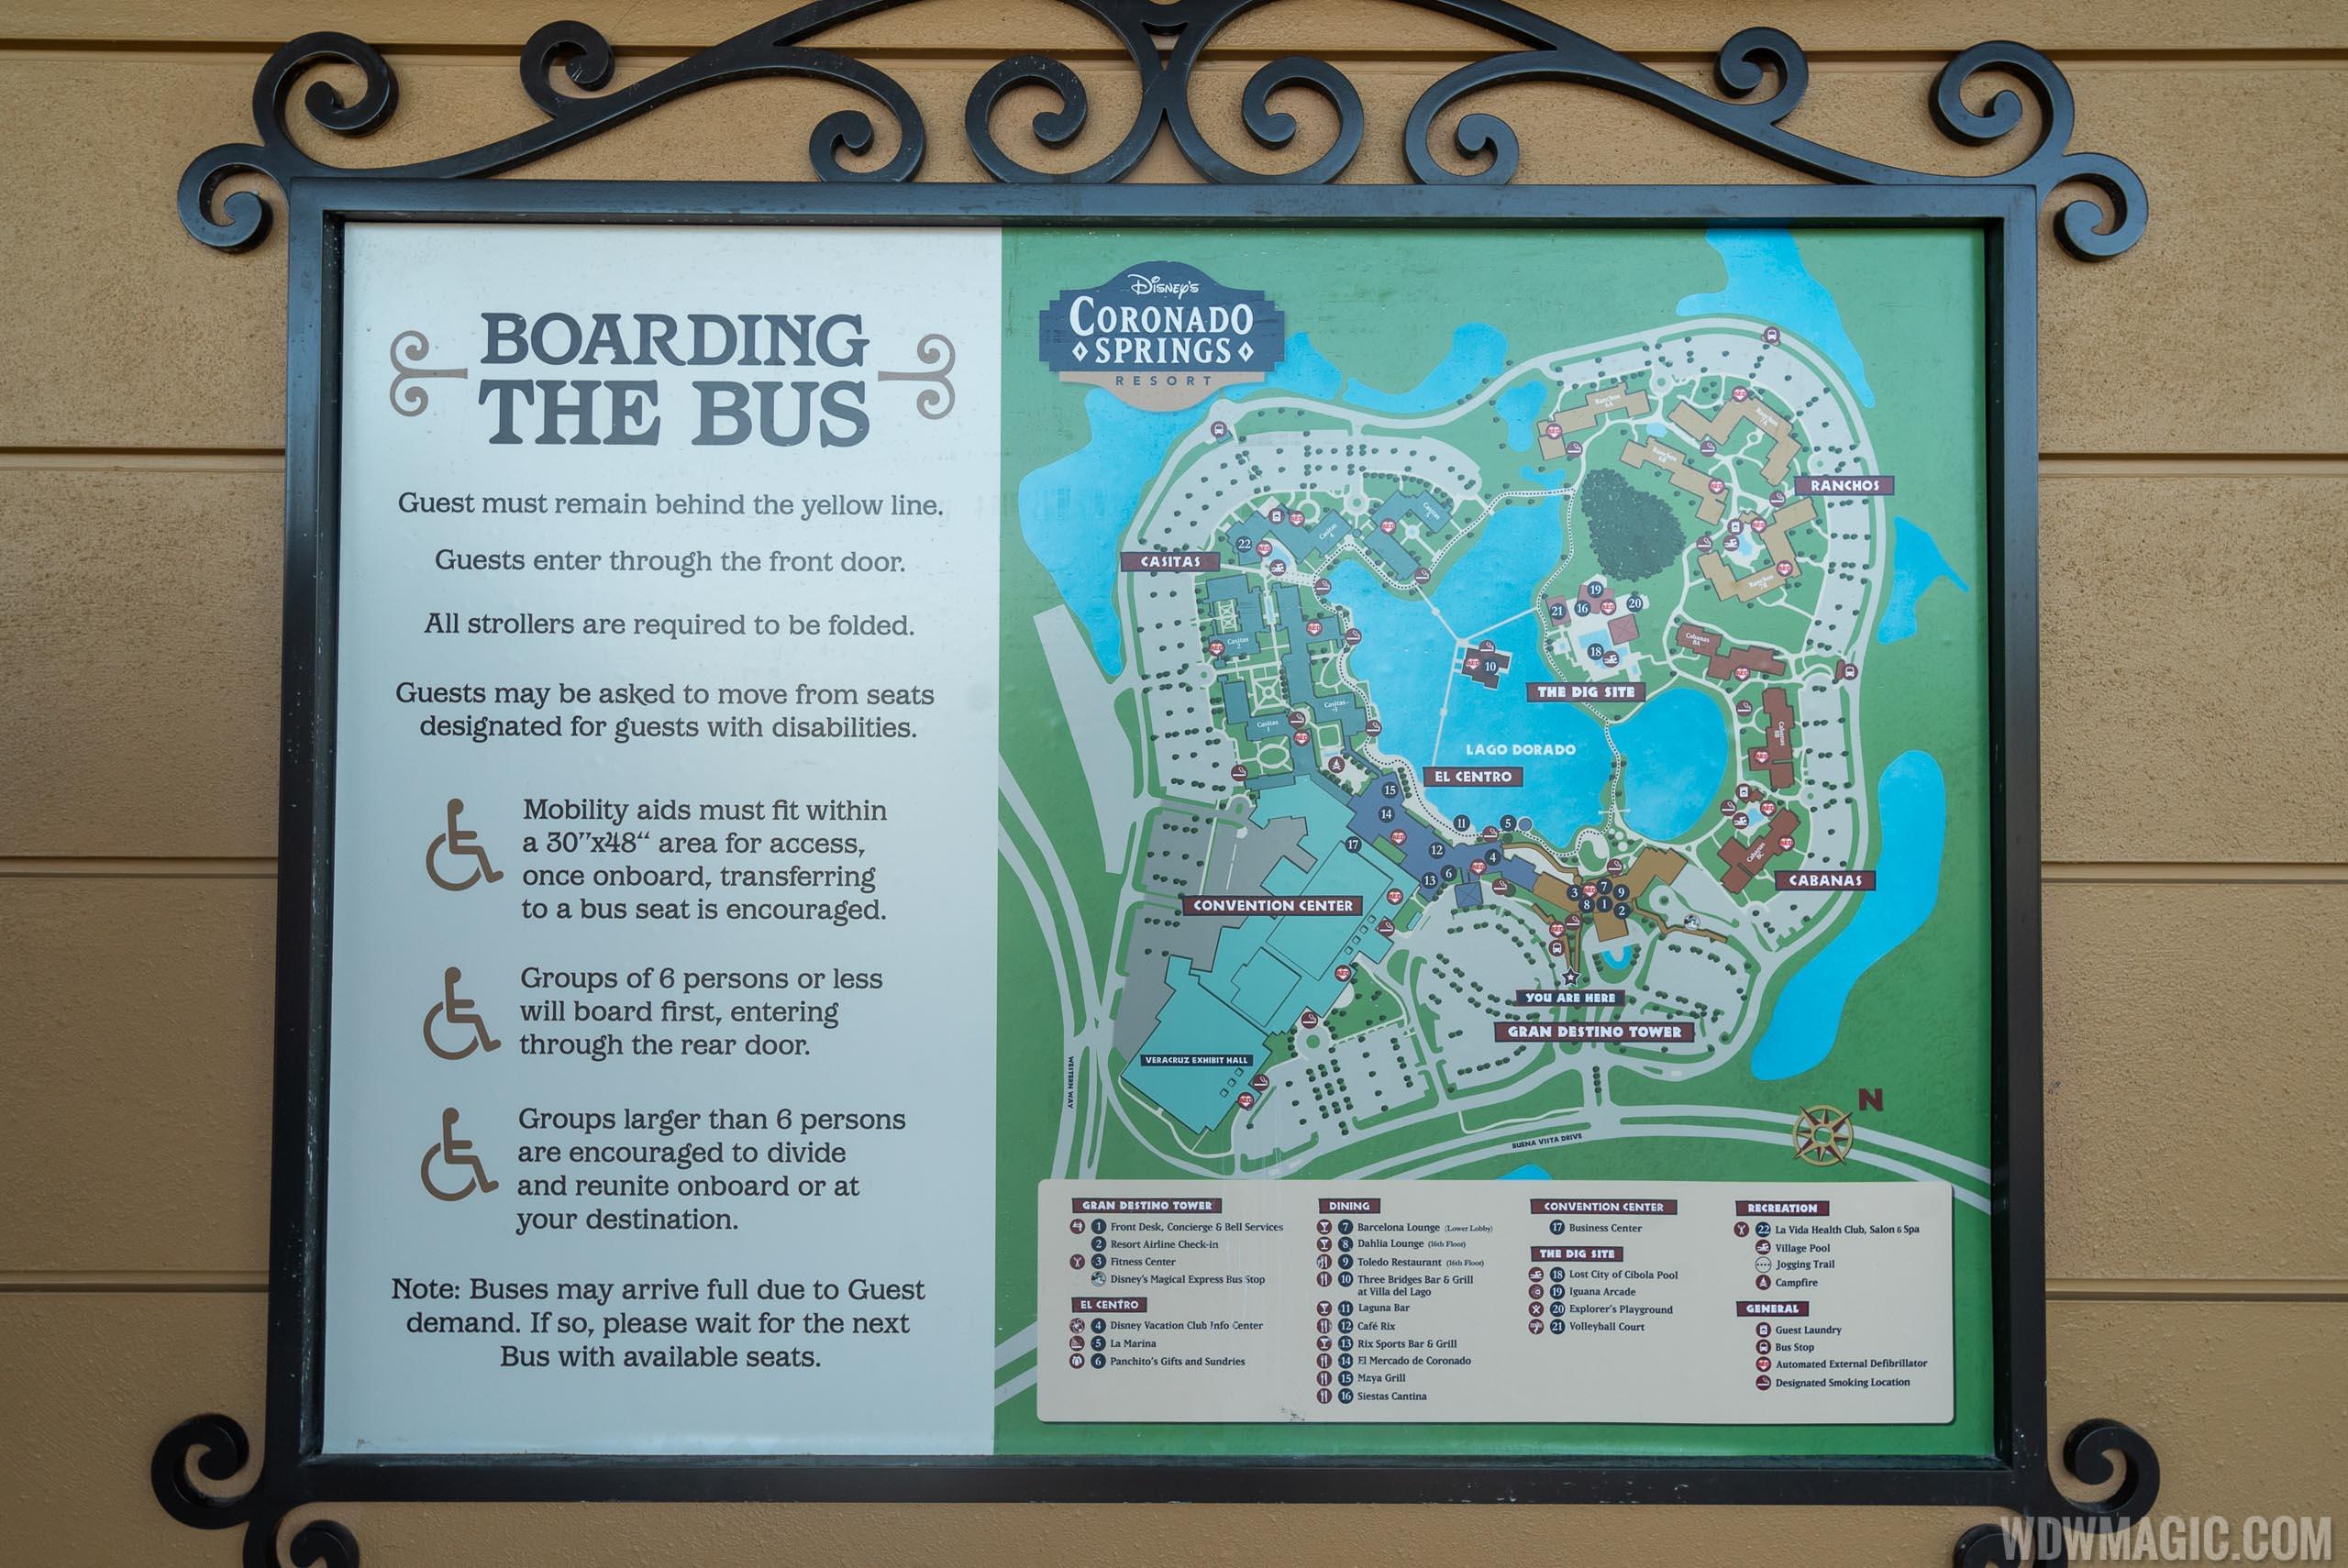 Disney's Coronado Springs Gran Destino - Bus Map